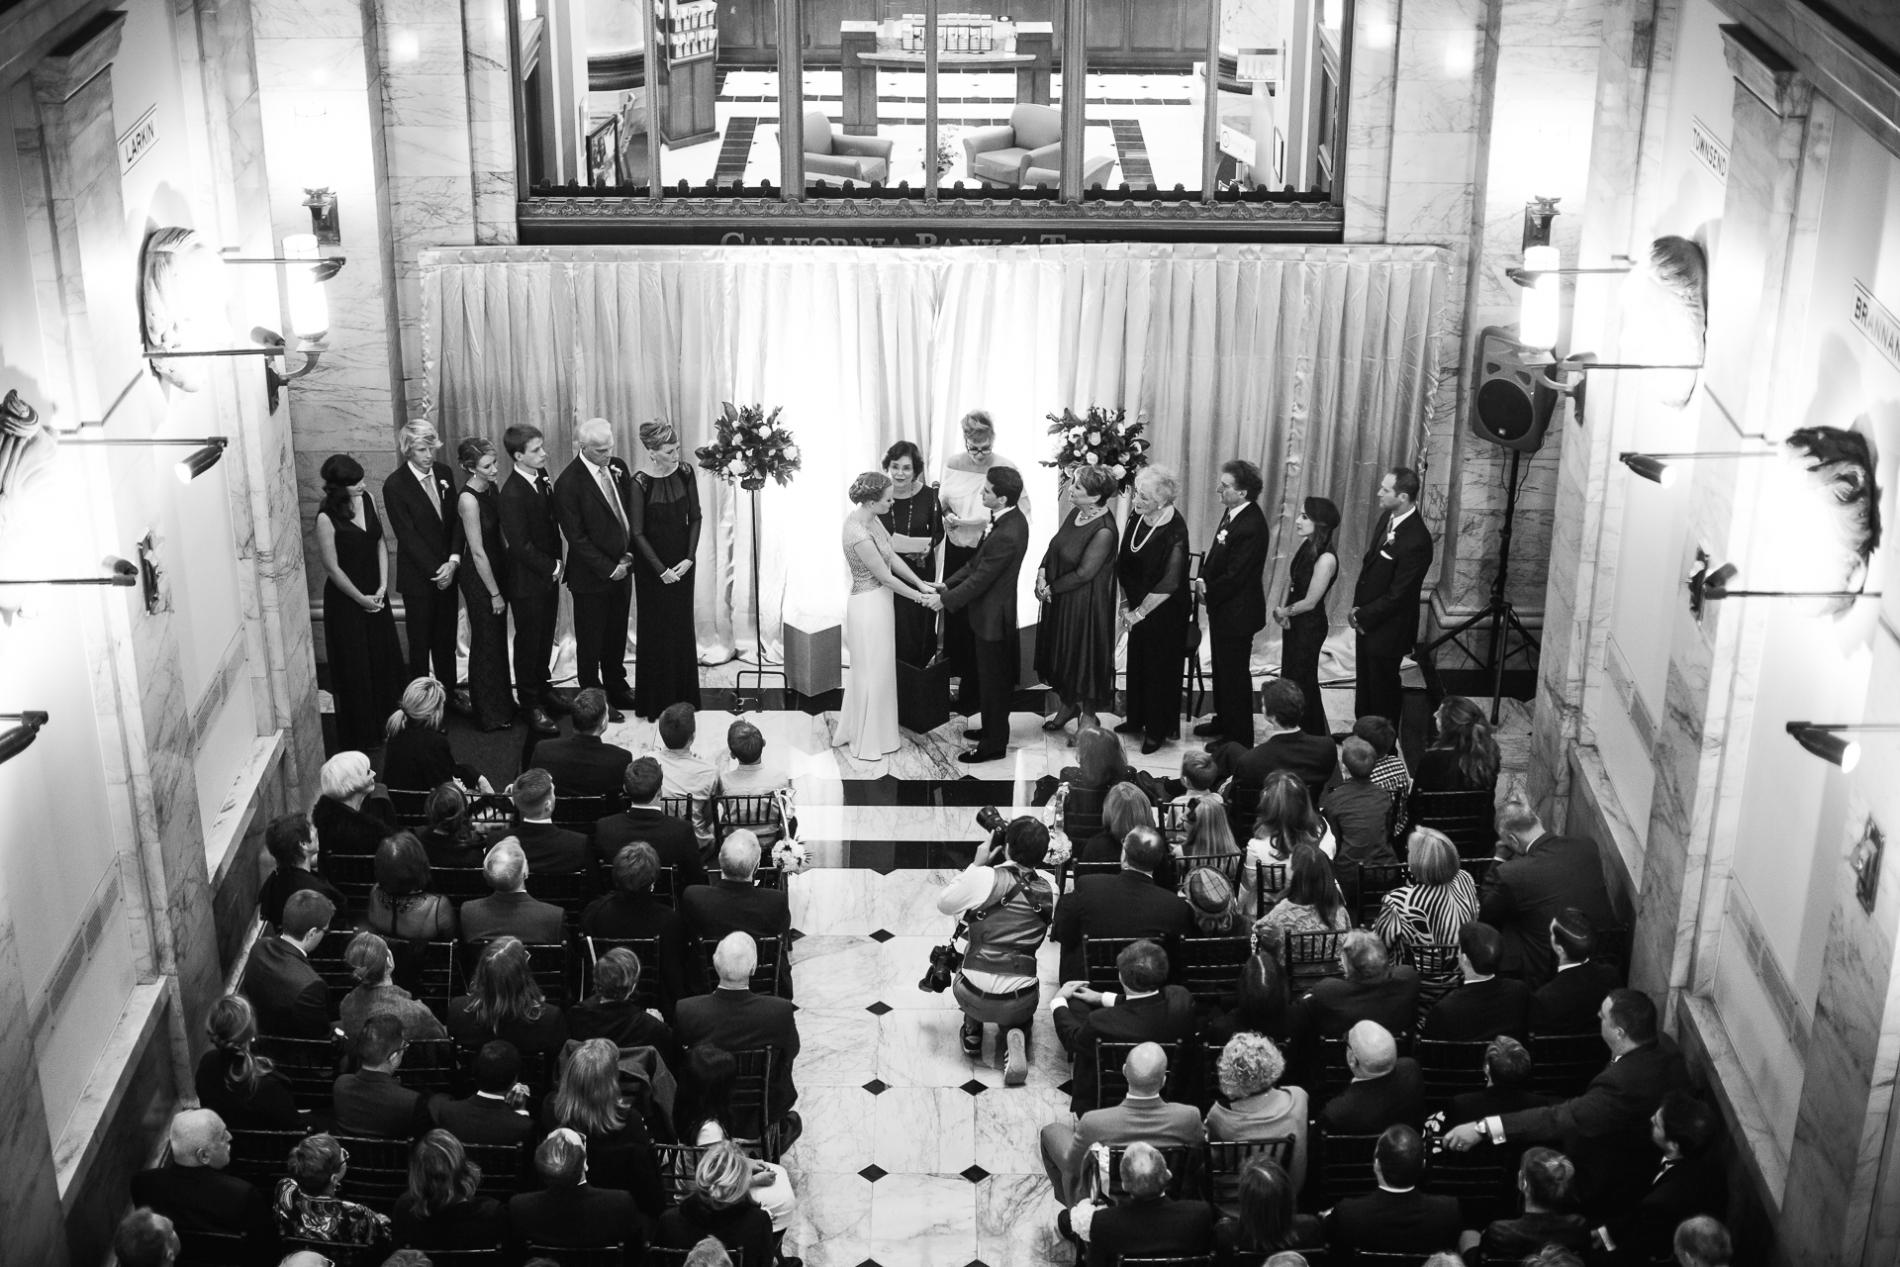 San Francisco Hochzeit Fotojournalist Drew Bird. Julia Morgan Ballsaal Hochzeit.